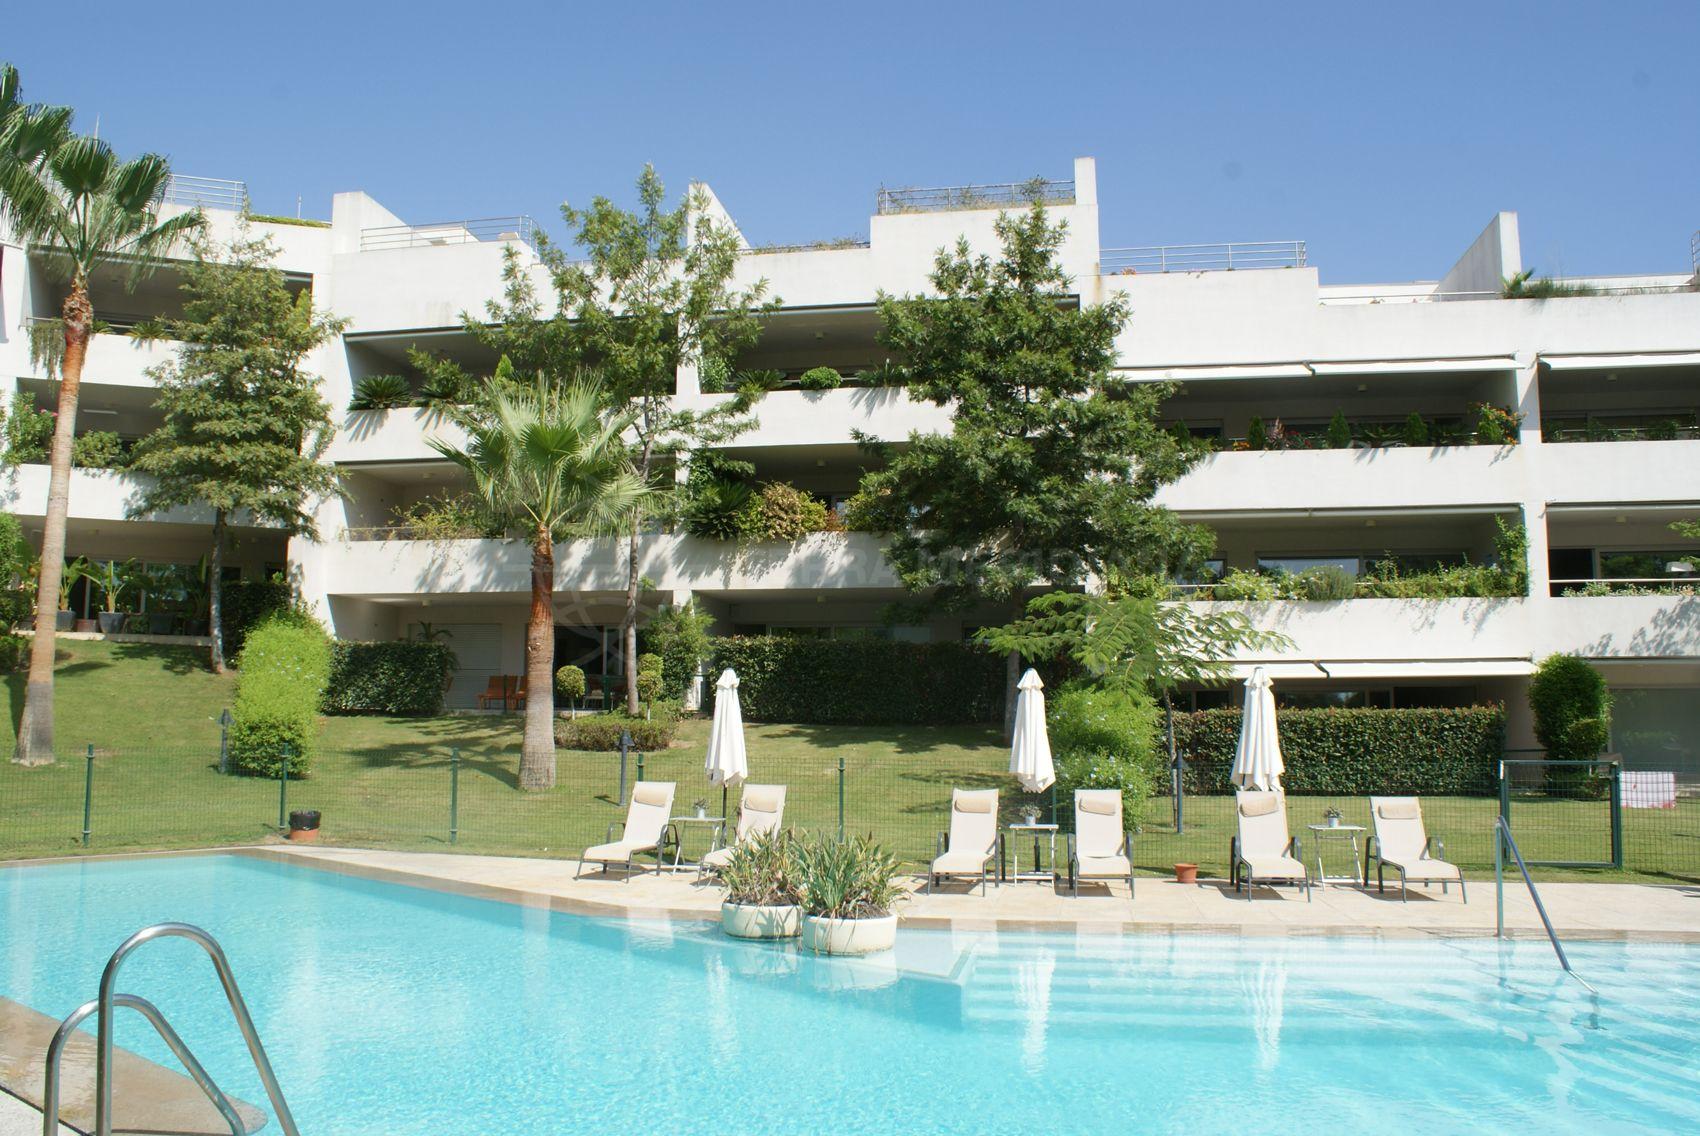 Apartamento en venta en polo gardens sotogrande - Polo gardens sotogrande ...